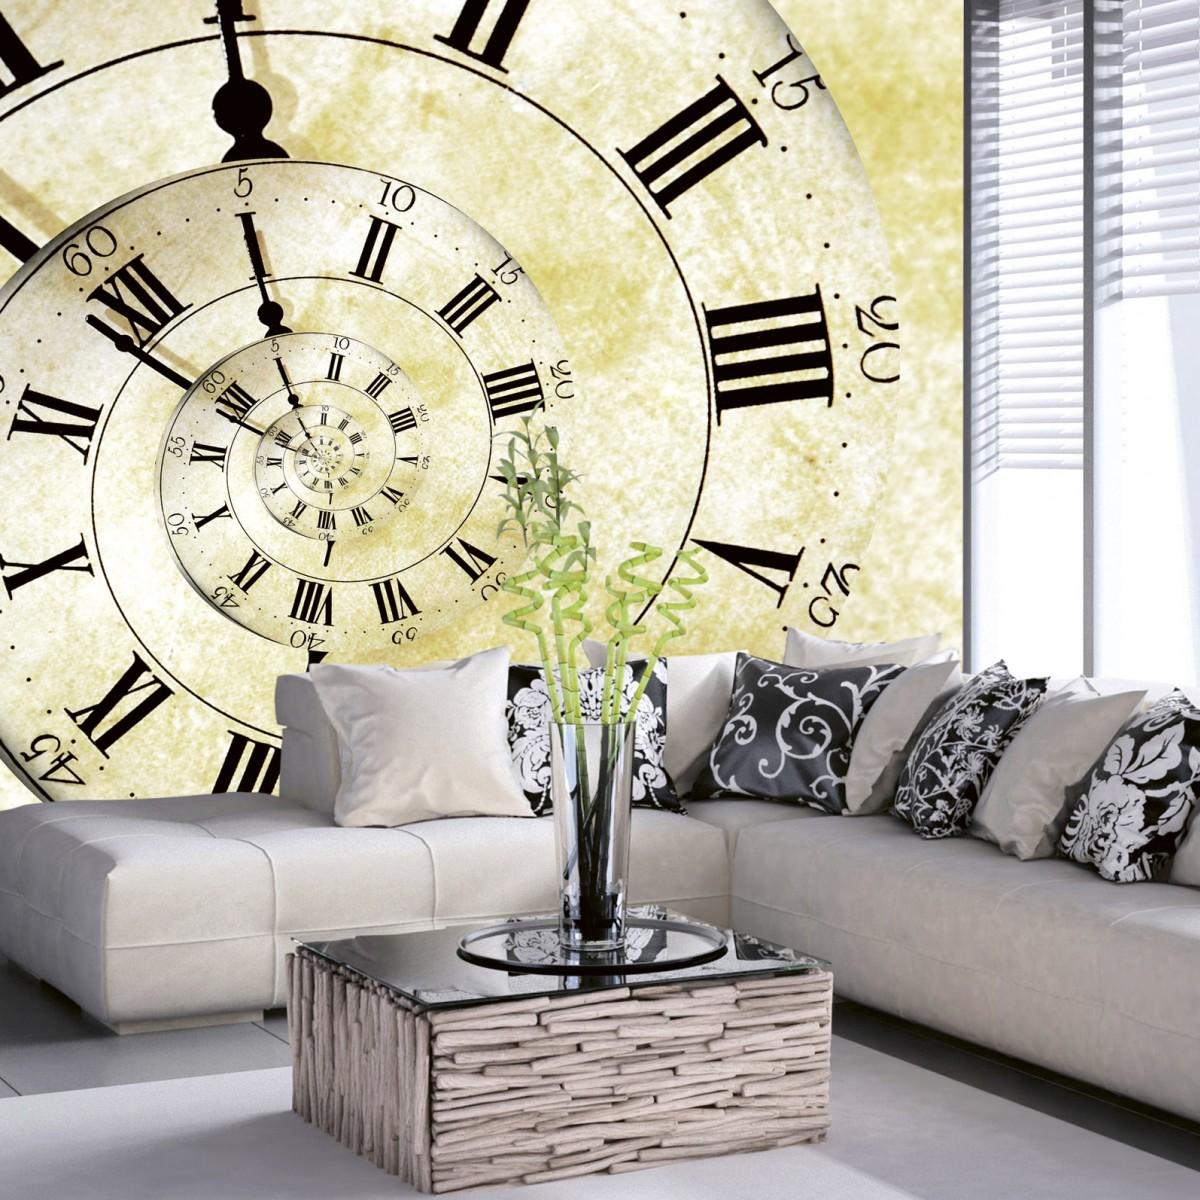 Foto tapet 3D Spiral Clock, Dimex, 5 fâșii, 375 x 250cm